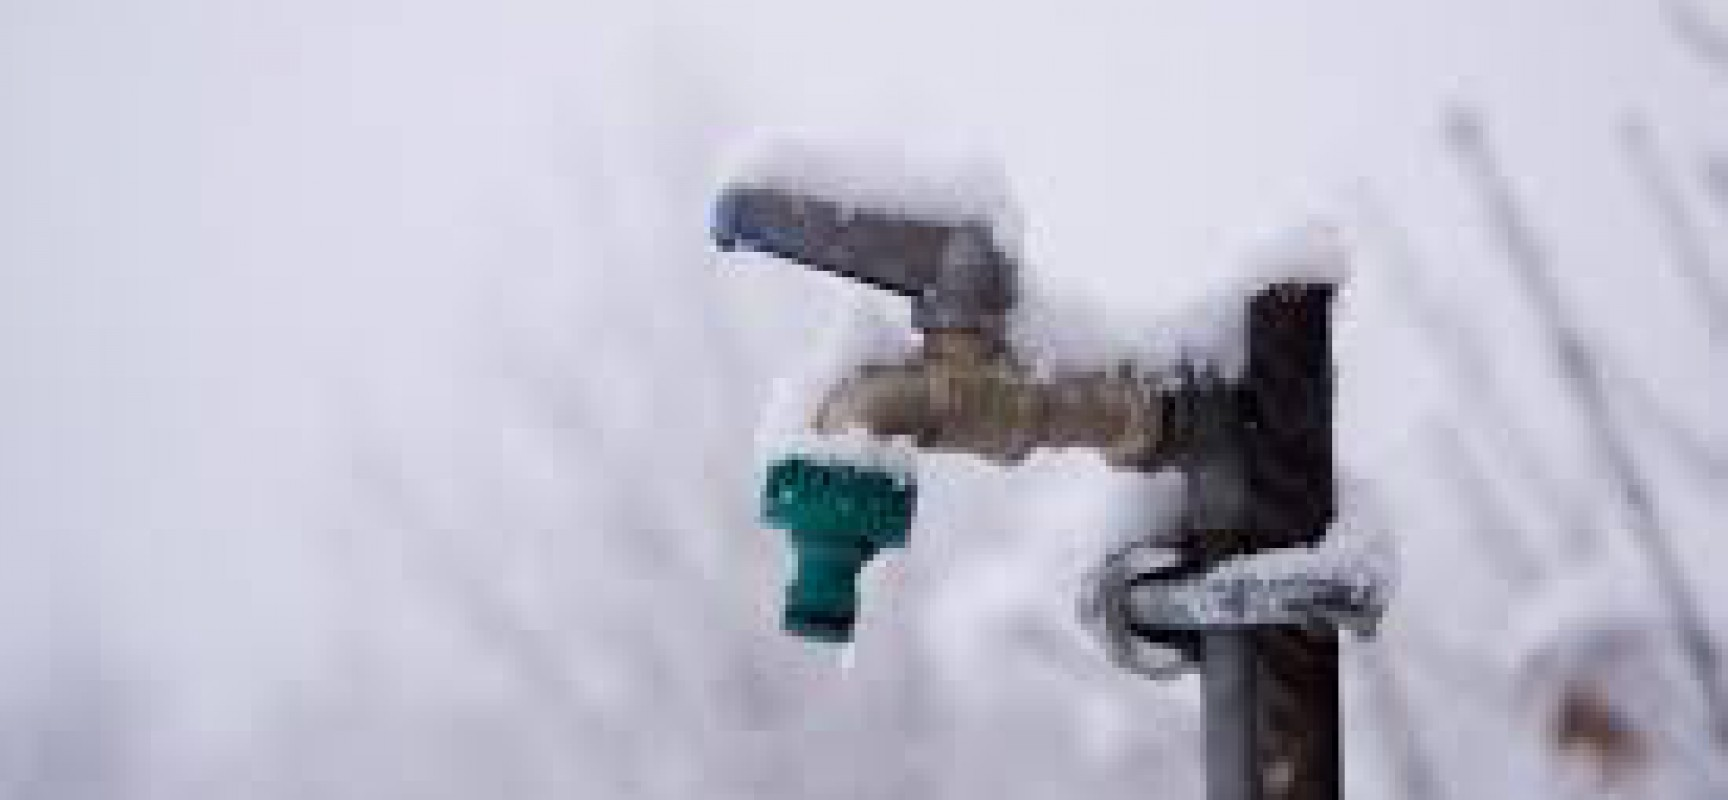 Συστάσεις ΔΕΥΑ ΣΟΦΑΔΩΝ για προφύλαξη δικτύων ύδρευσης από την παγωνιά